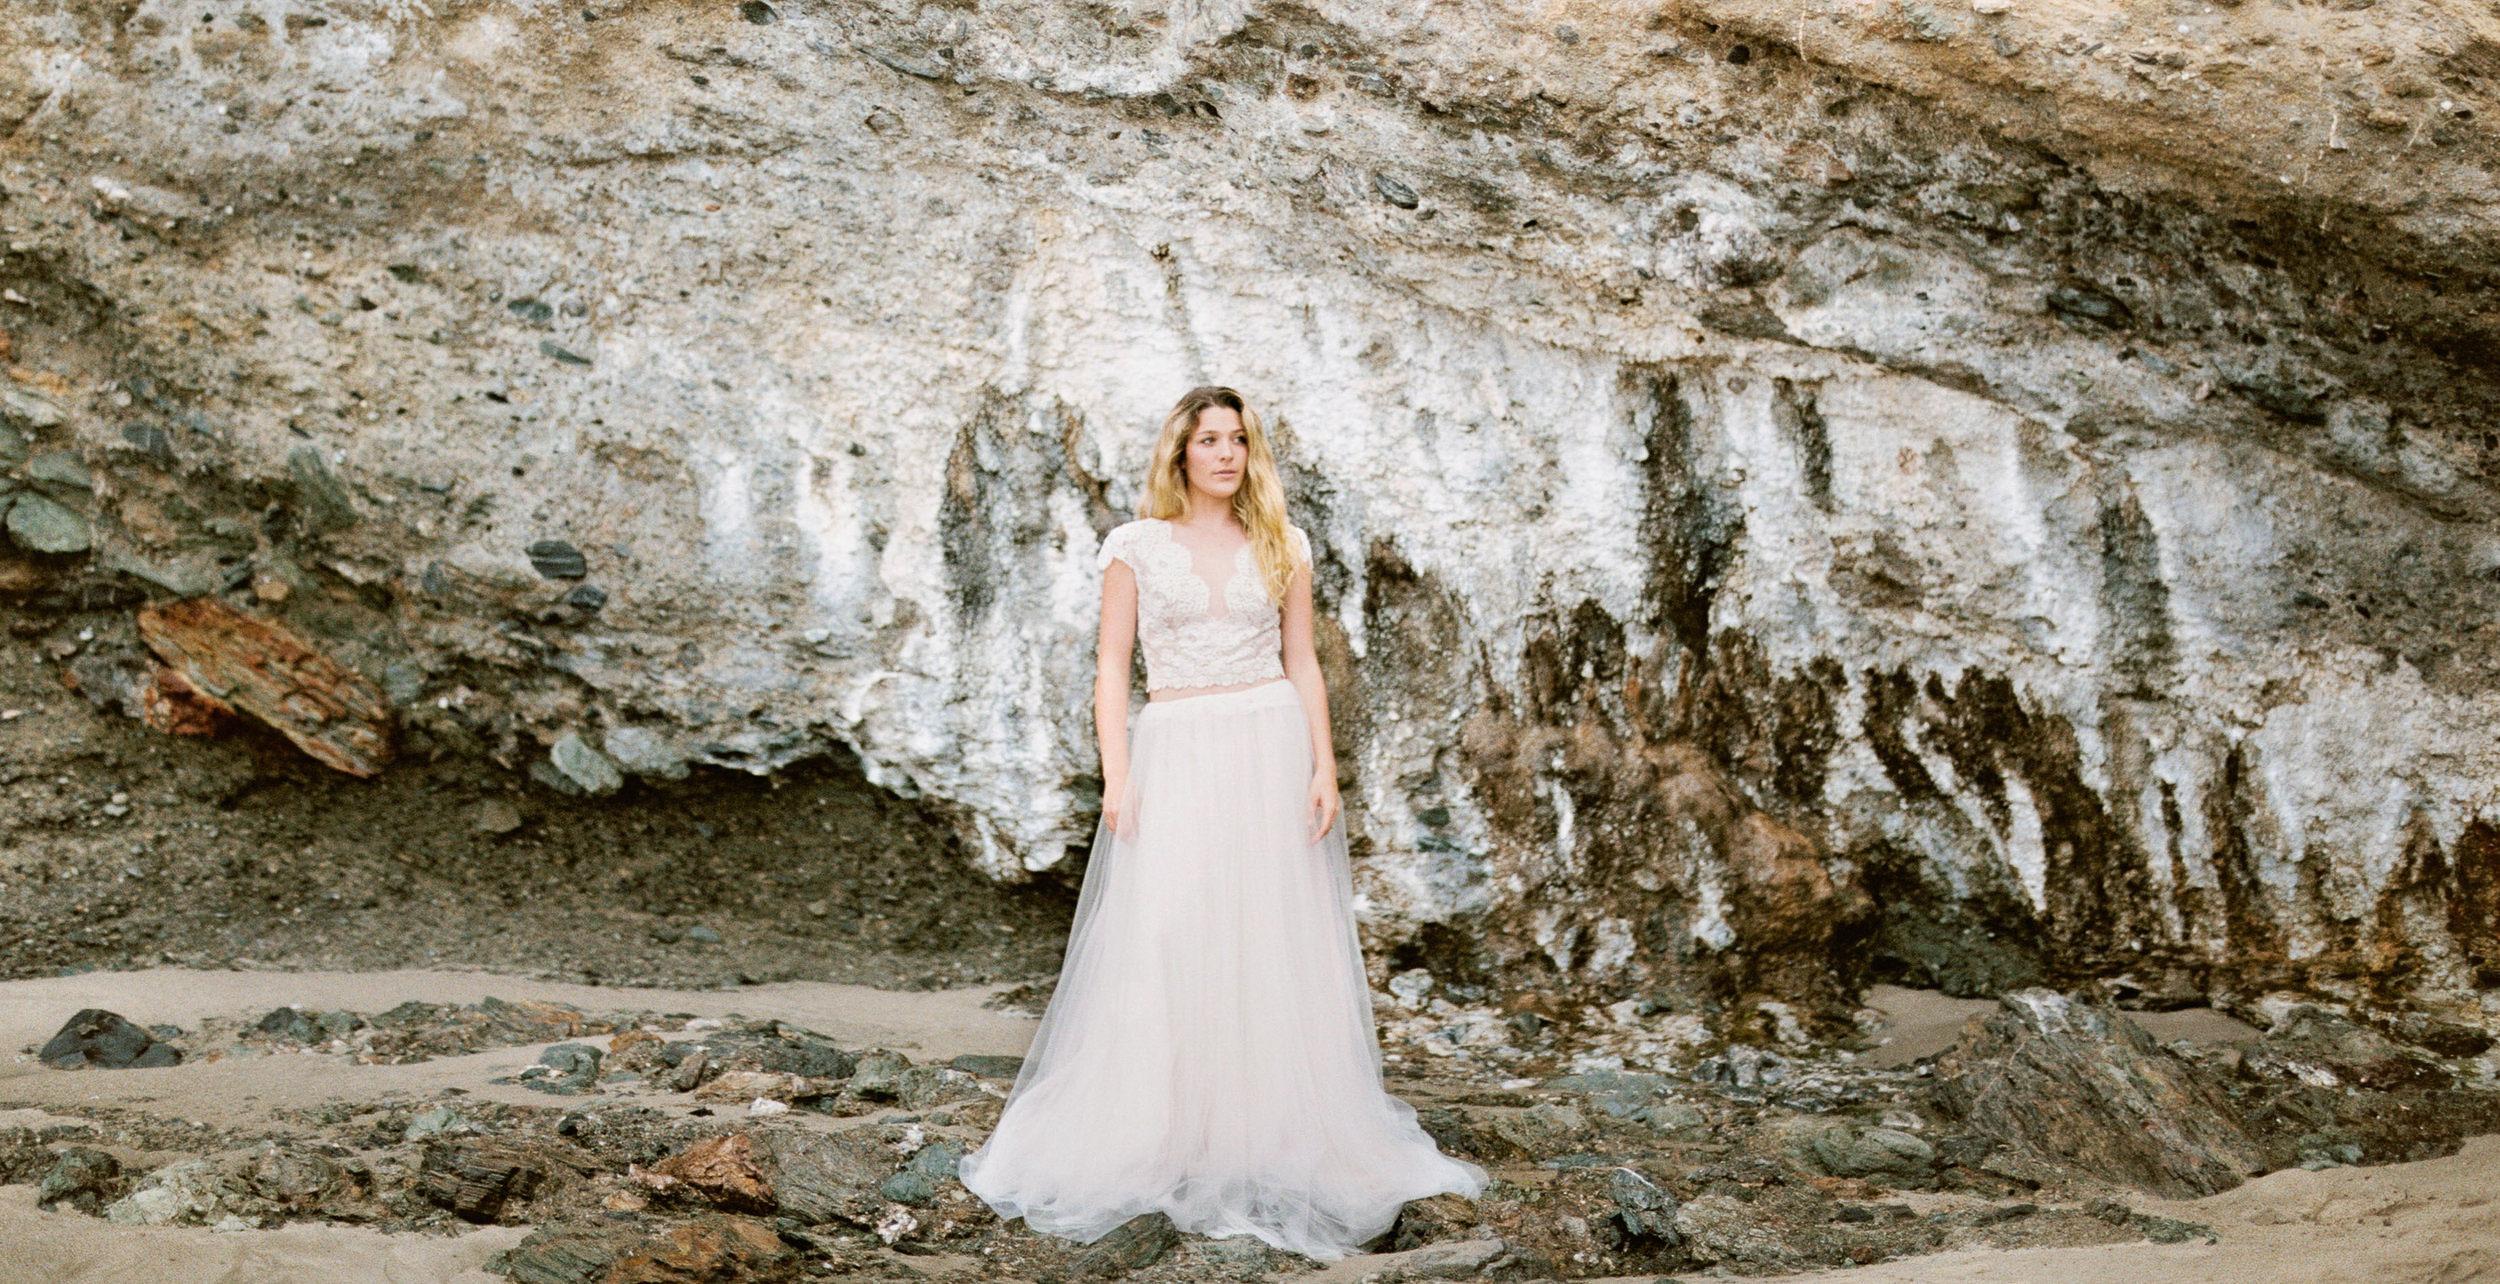 07_destination+worldwide+elopement+wedding+film+photographer+cinematographer_.jpg